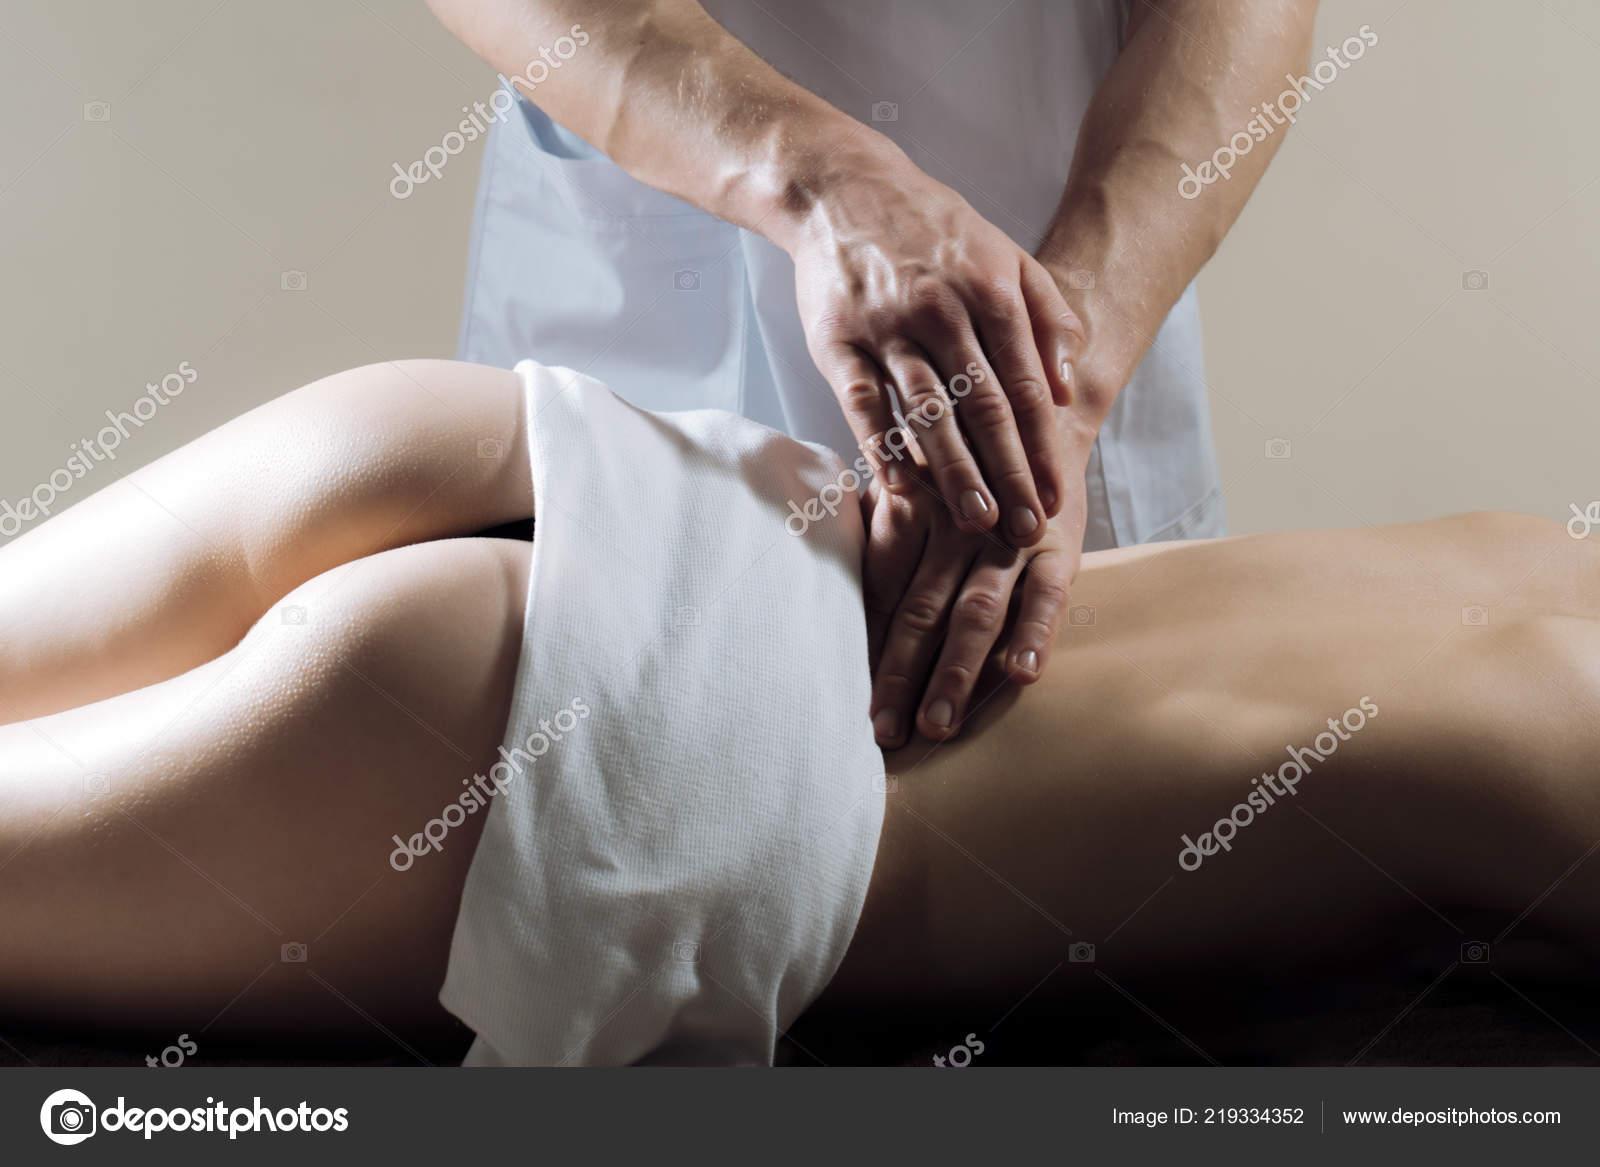 Секс принудительный на массаже, Порно видео с массажем, делает массаж парню 21 фотография